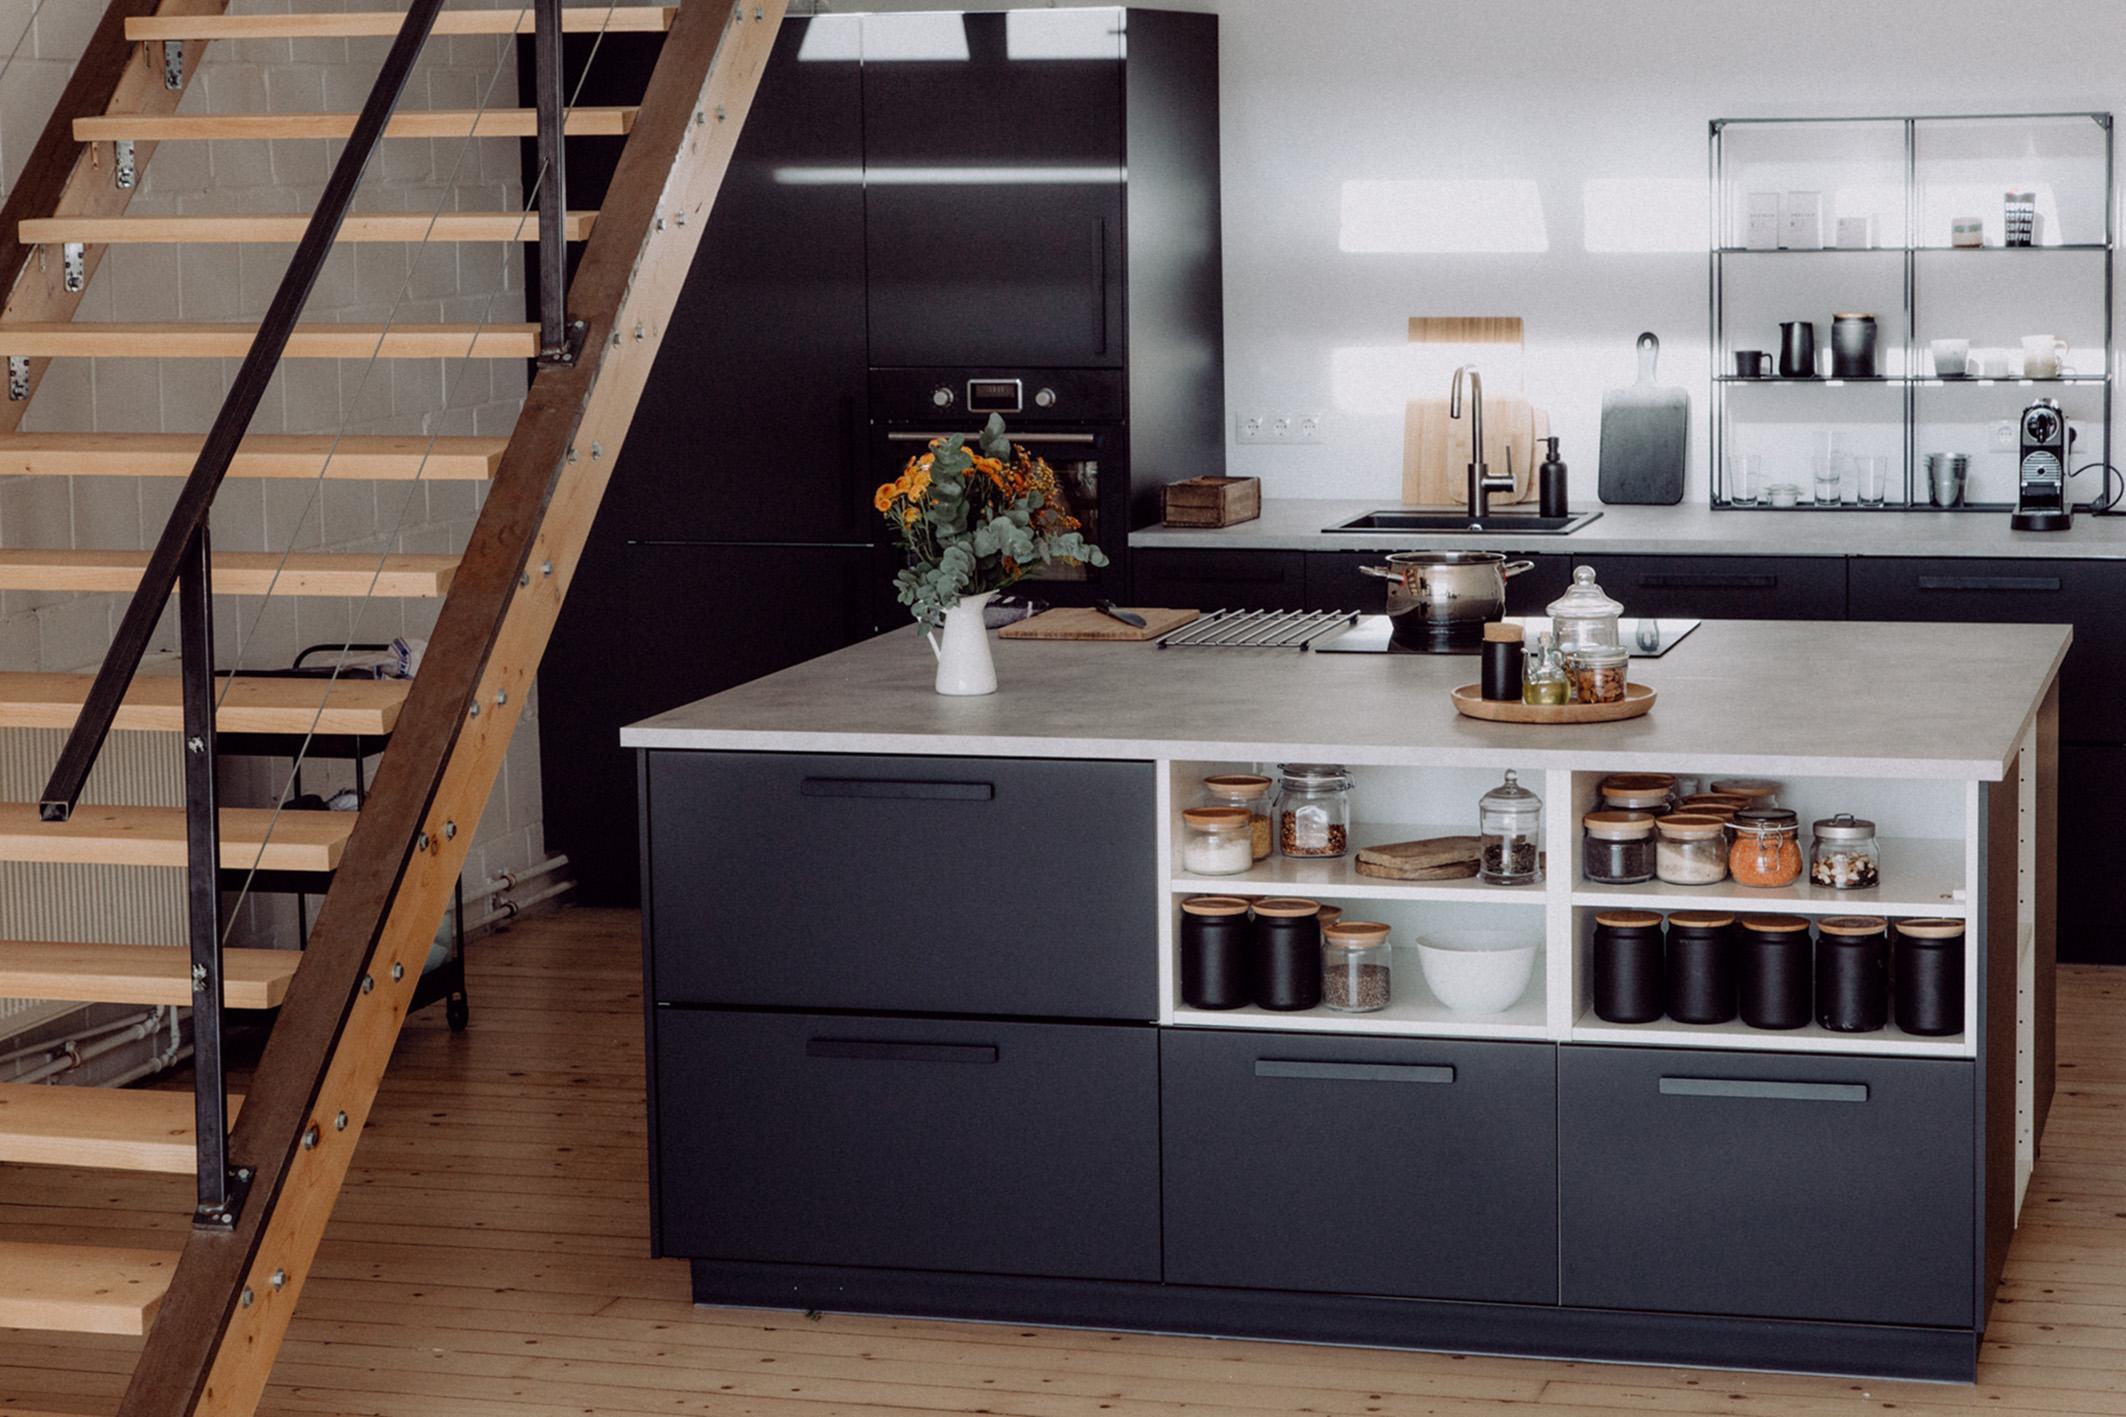 Full Size of Ikea Küchen Kche Mit Freistehendem Kchenblock Miniküche Küche Kaufen Sofa Schlaffunktion Kosten Betten 160x200 Modulküche Regal Bei Wohnzimmer Ikea Küchen